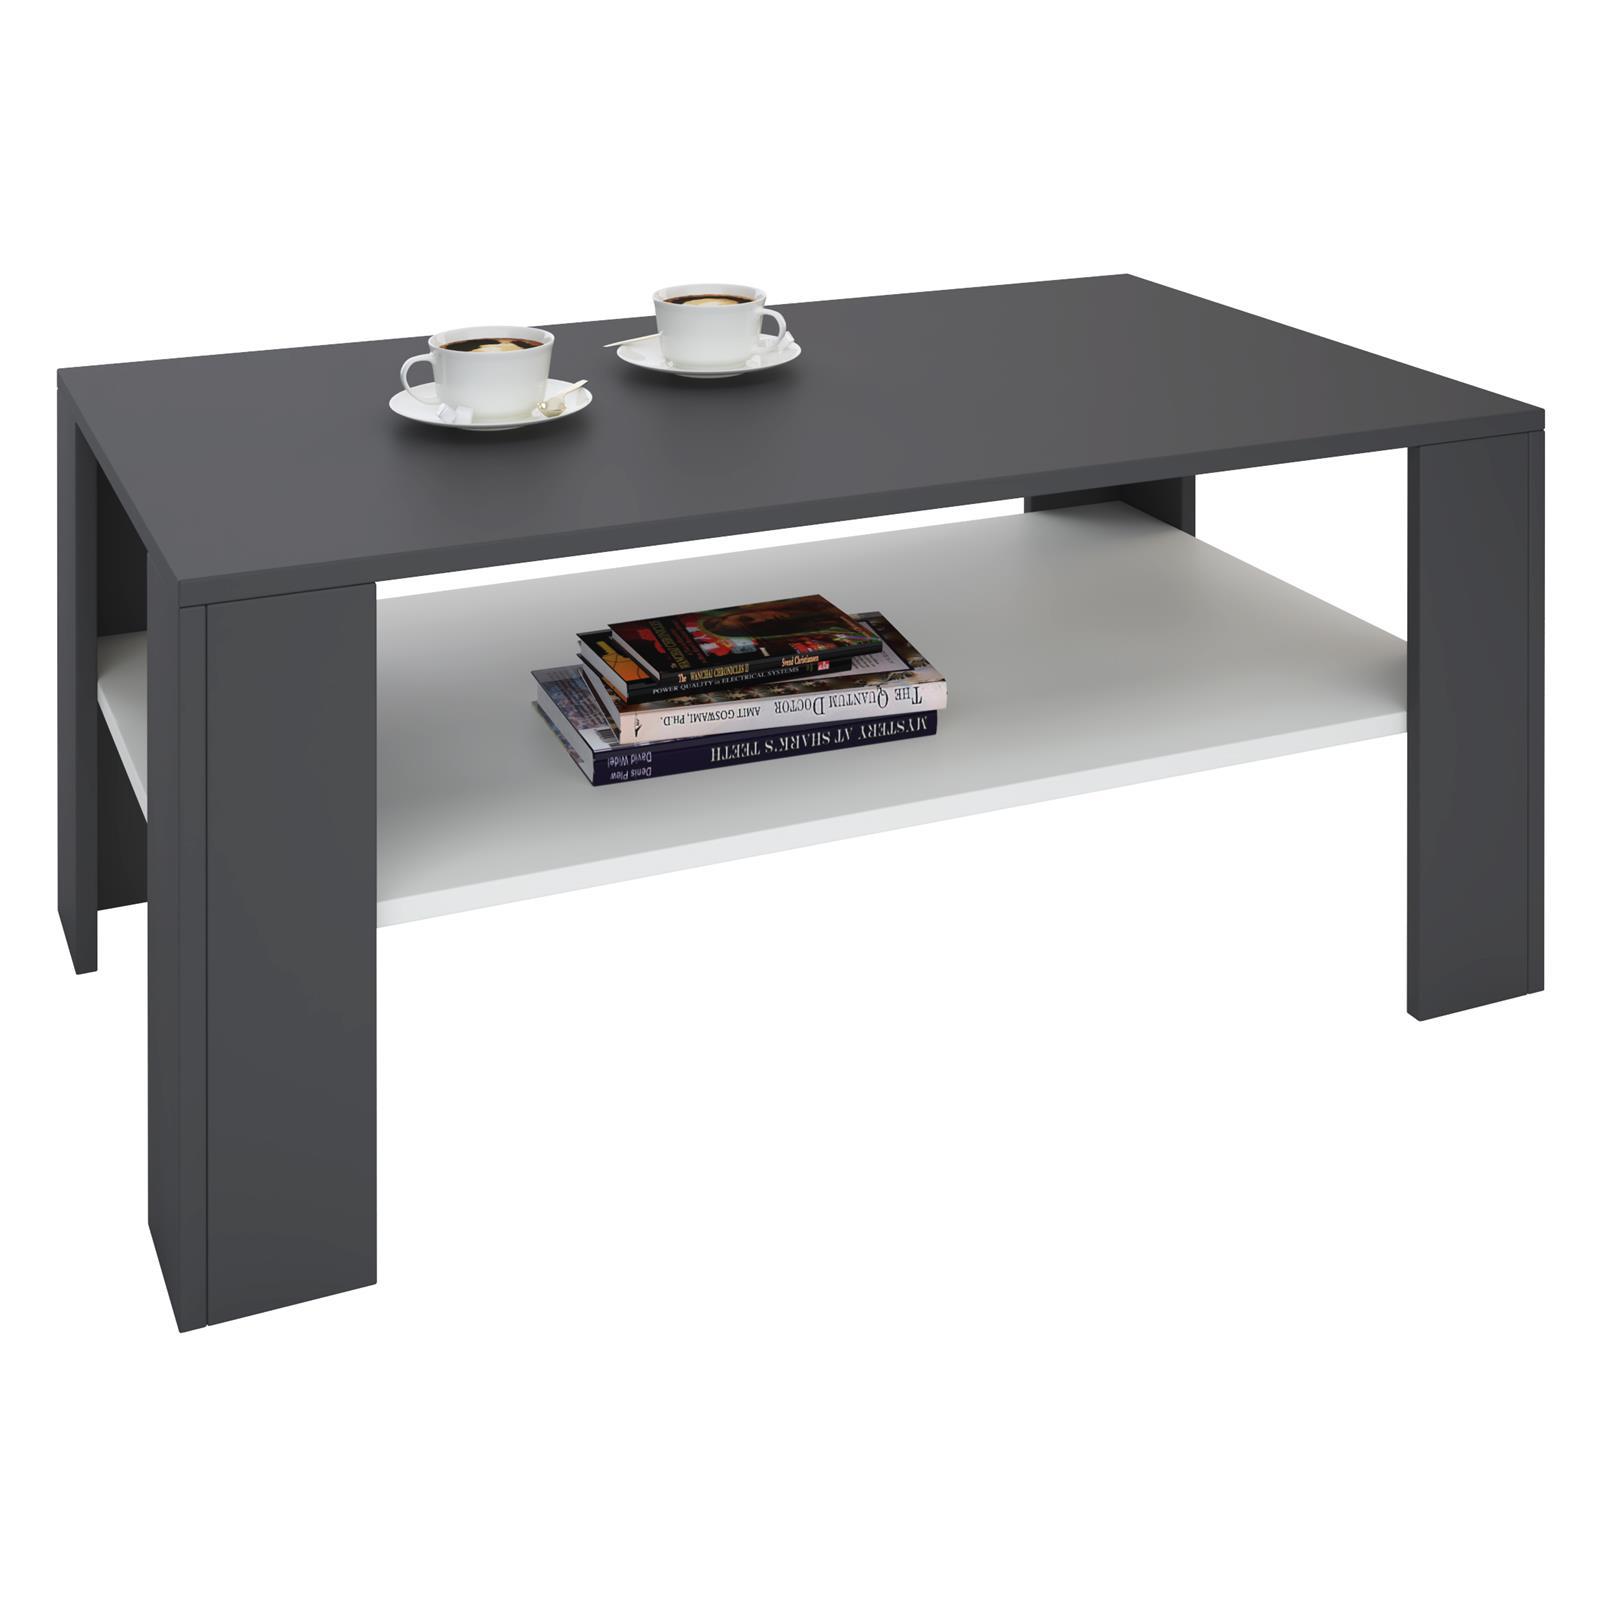 table basse lorient en m lamin gris et blanc mat mobil meubles. Black Bedroom Furniture Sets. Home Design Ideas